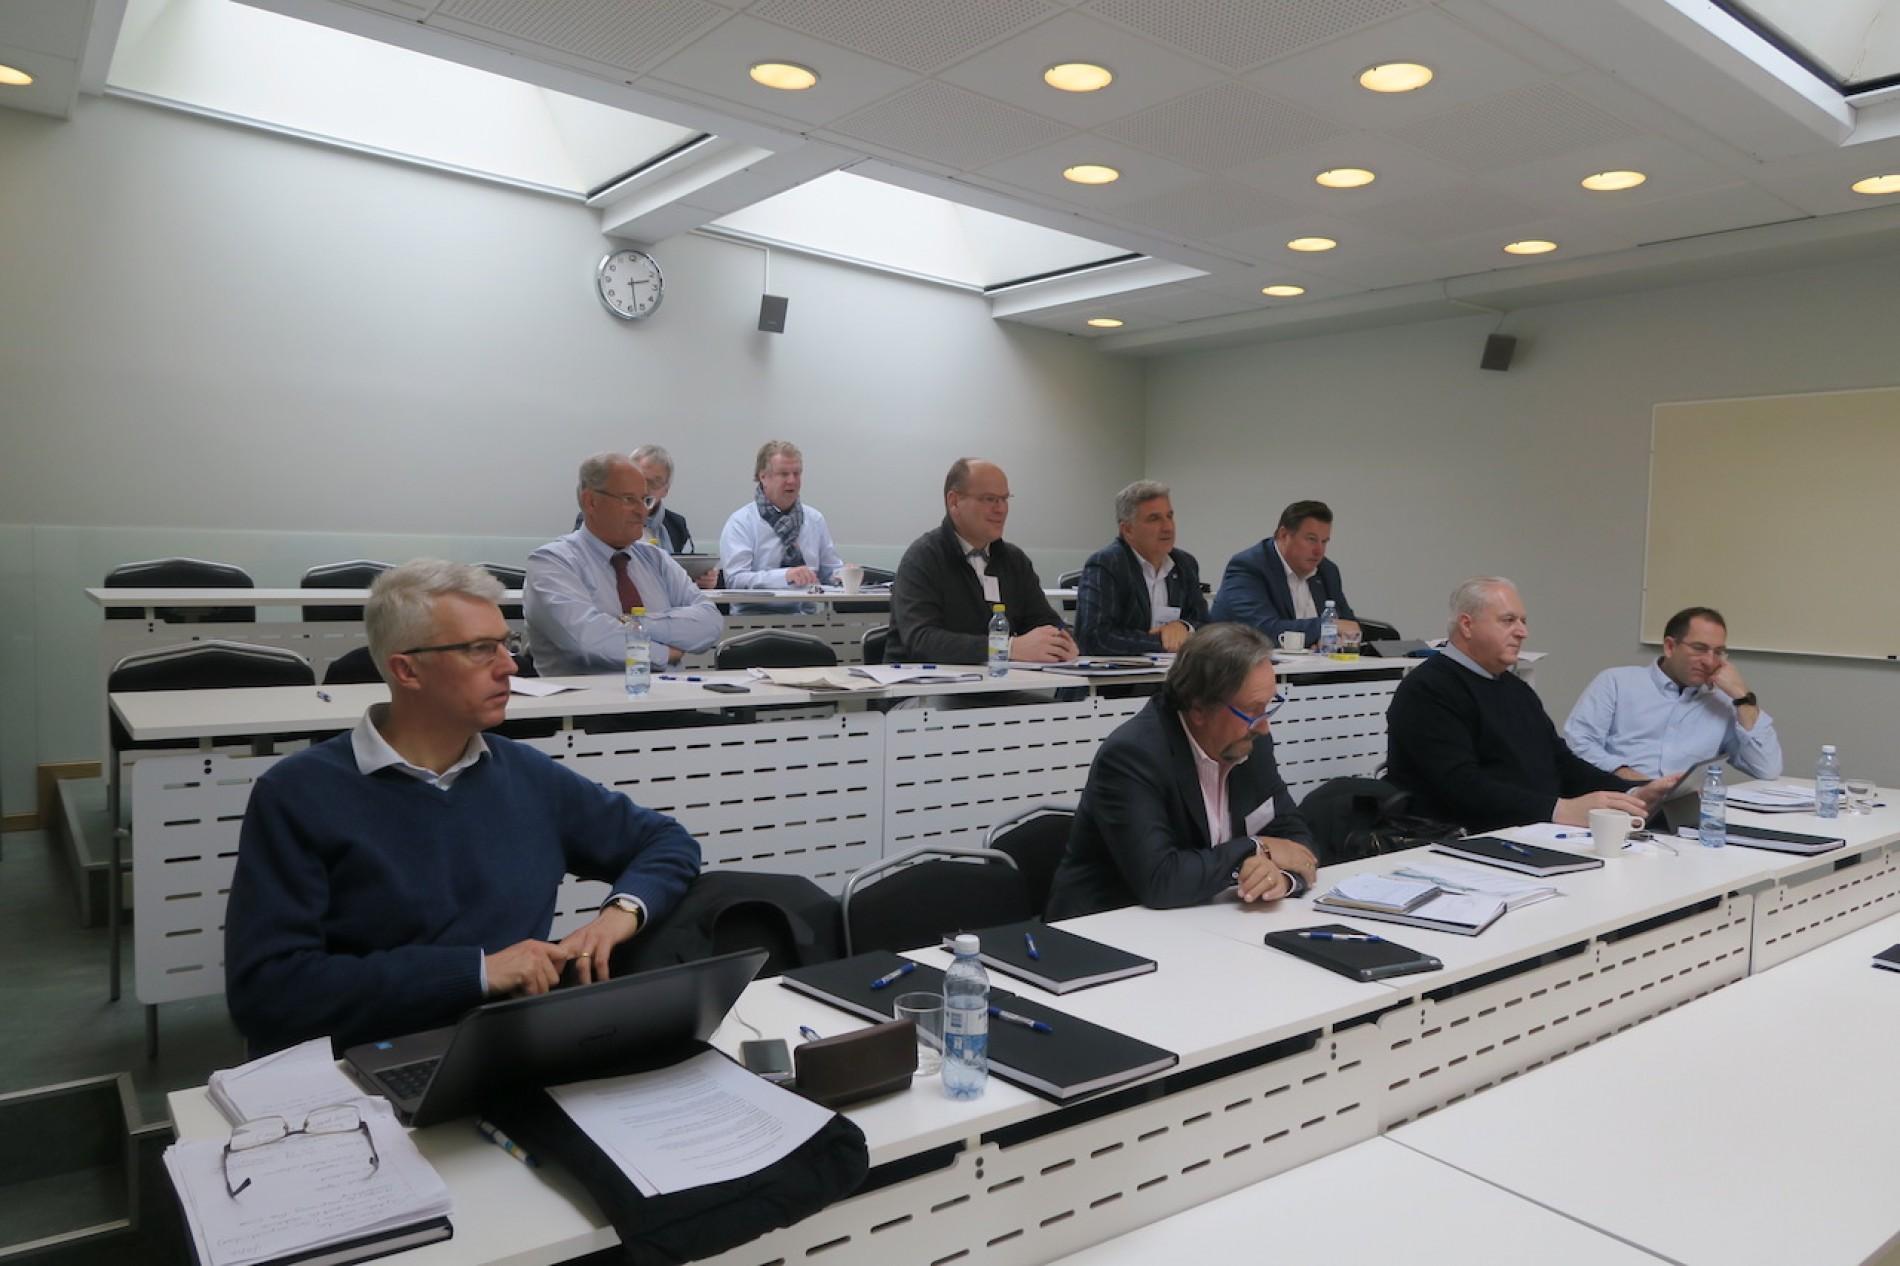 Reunião da EUSA na Suécia